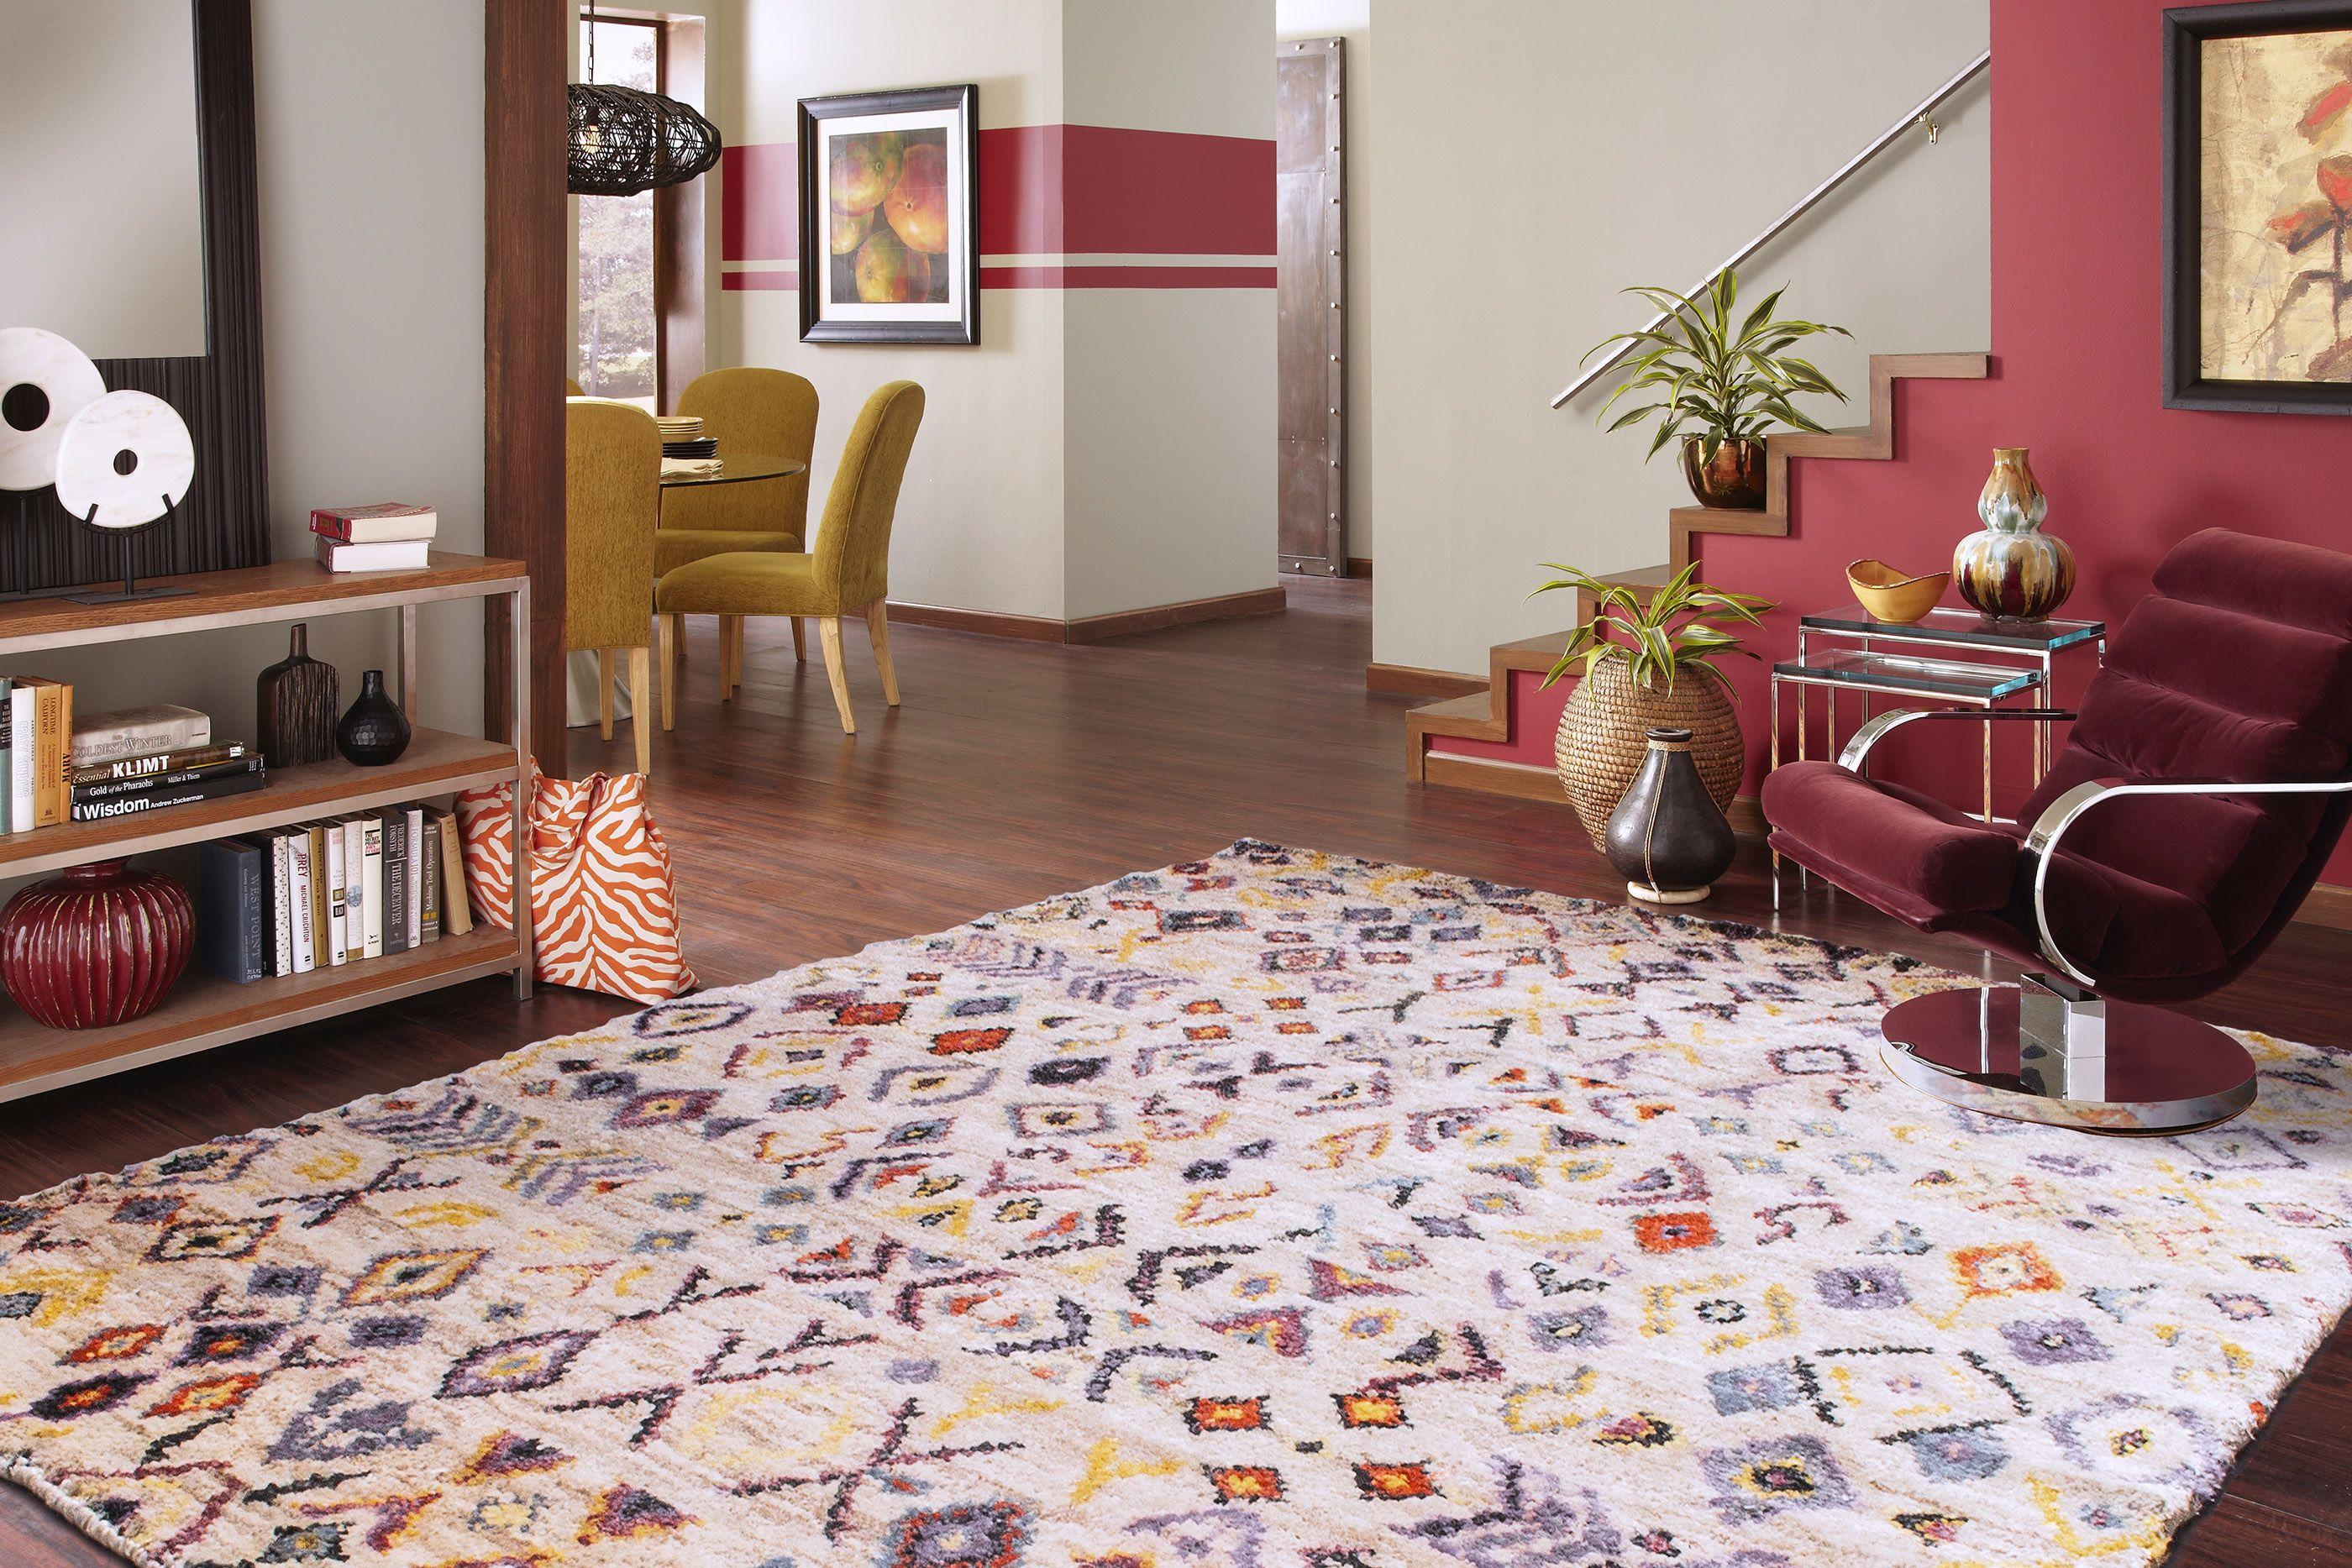 Alfombra kasulu anudada a mano con fibras naturales alfombras extraordinarias - Alfombras fibras naturales ...